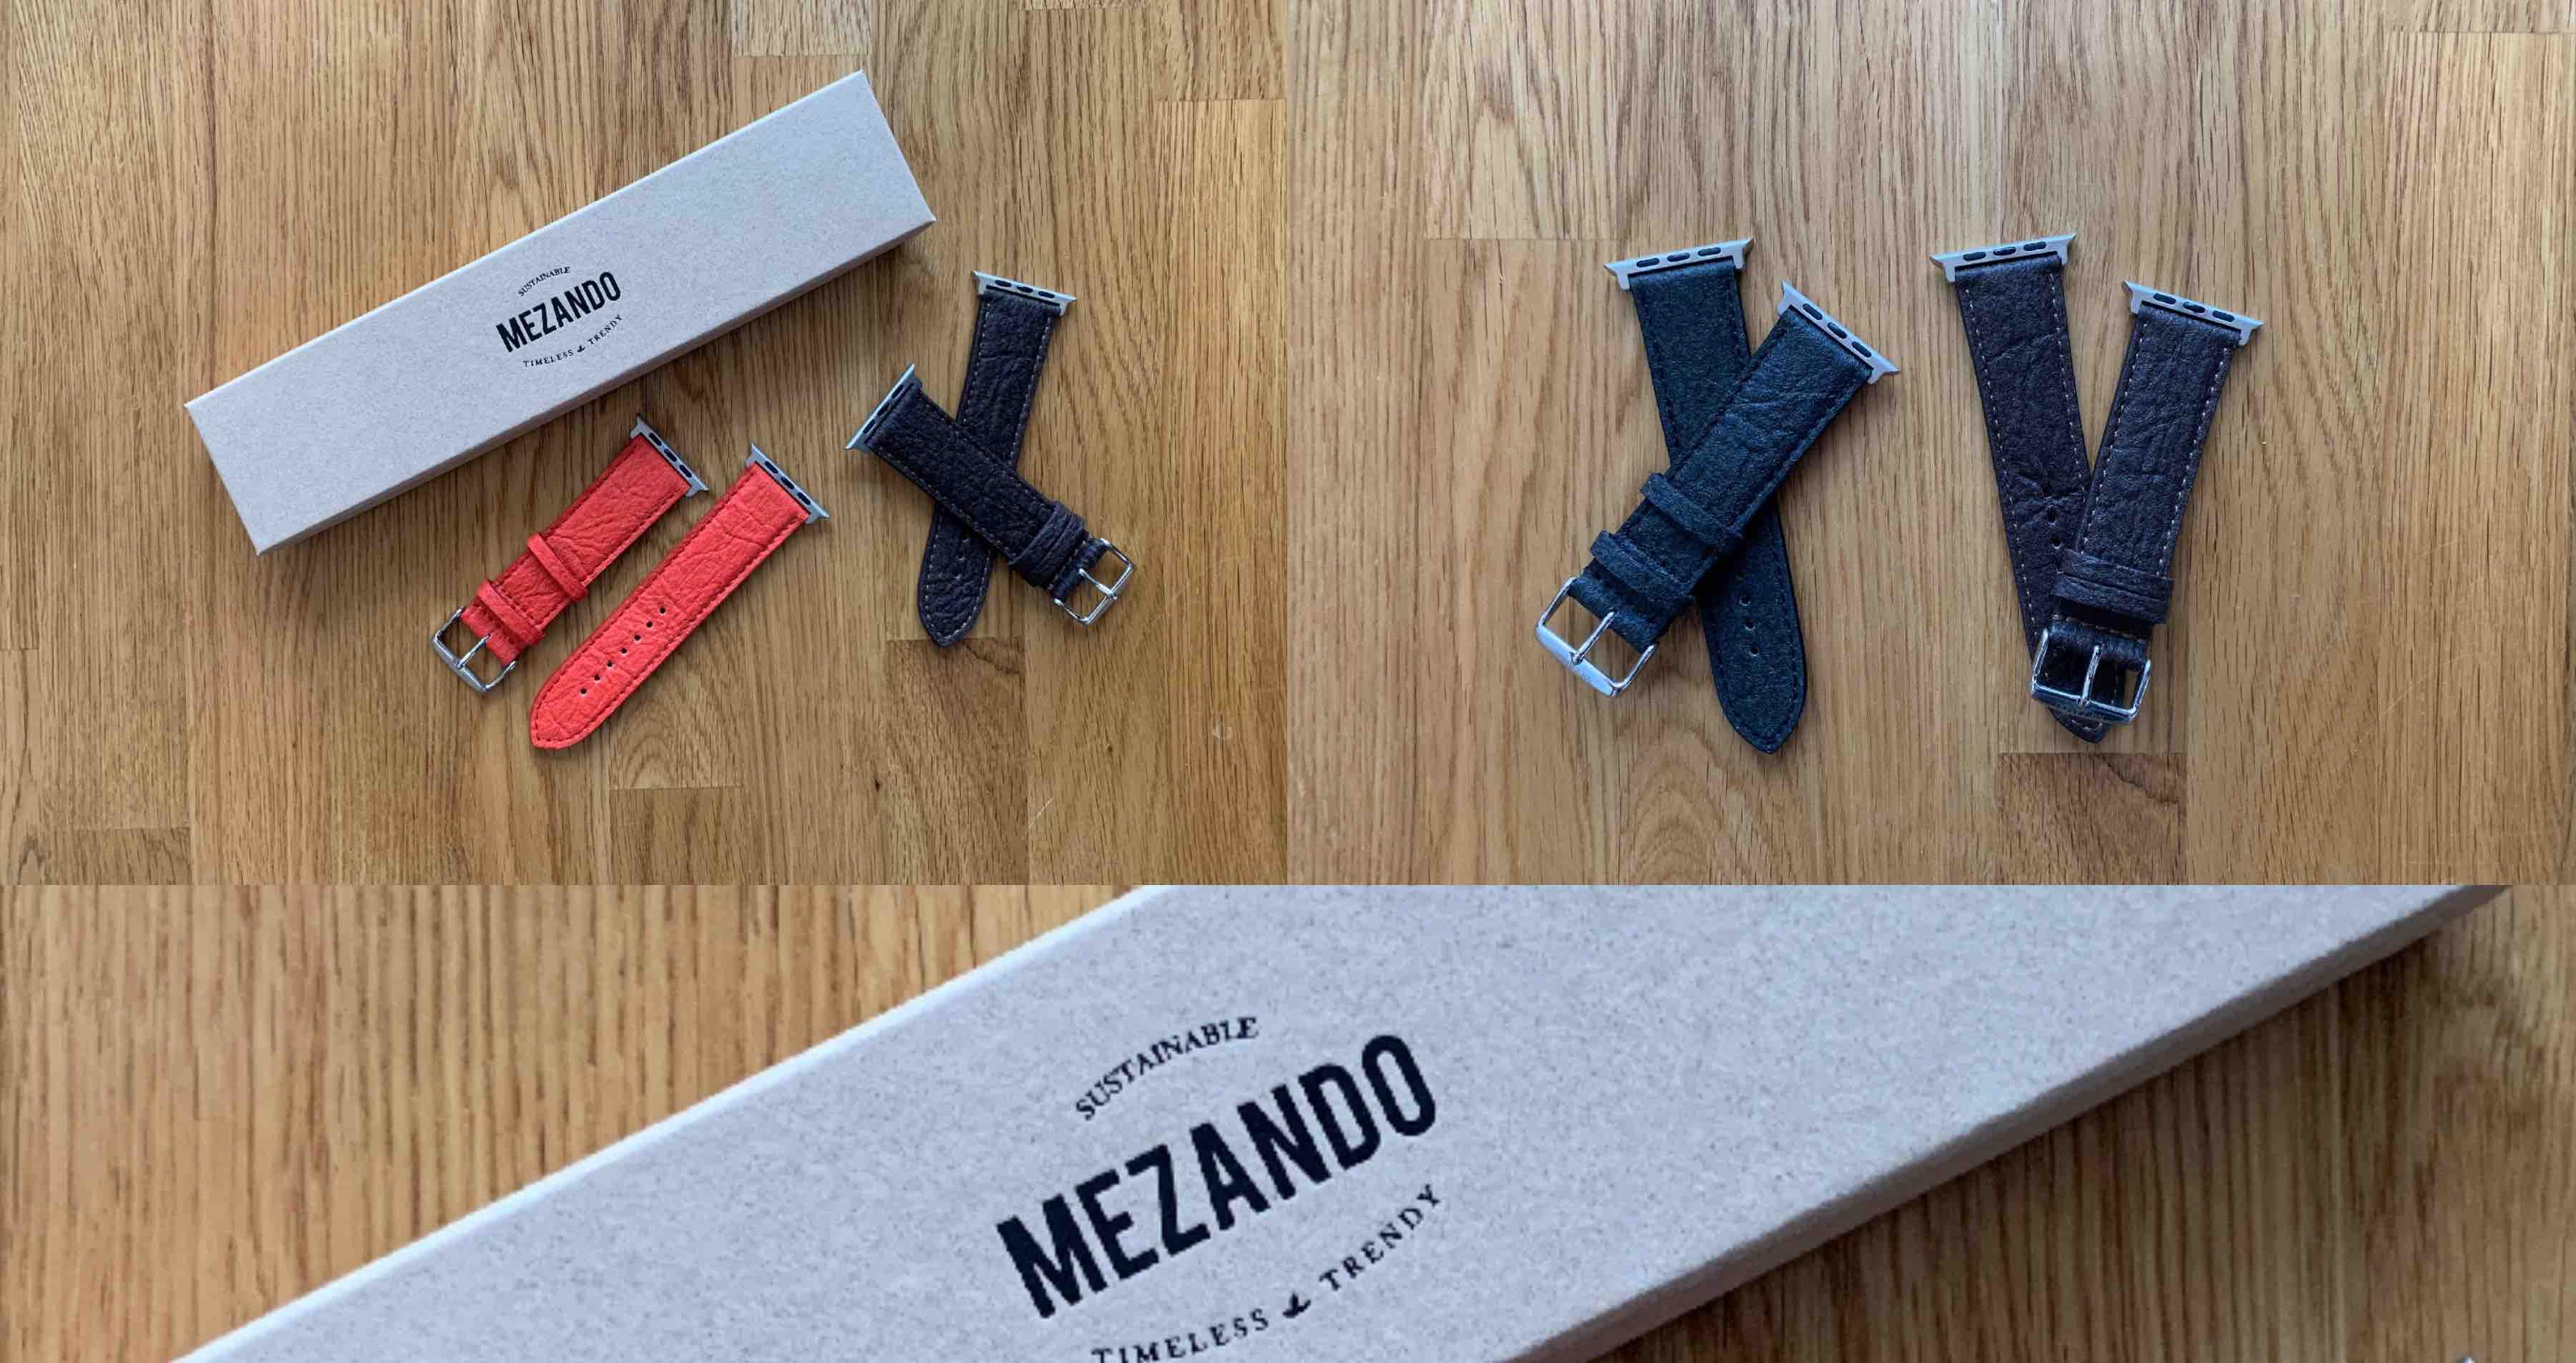 Mezando_Apple_Watch_Watchband_Armband_Uhrenband_Review3 Armbänder für die Apple Watch von Mezando - Ananasfasern statt Leder